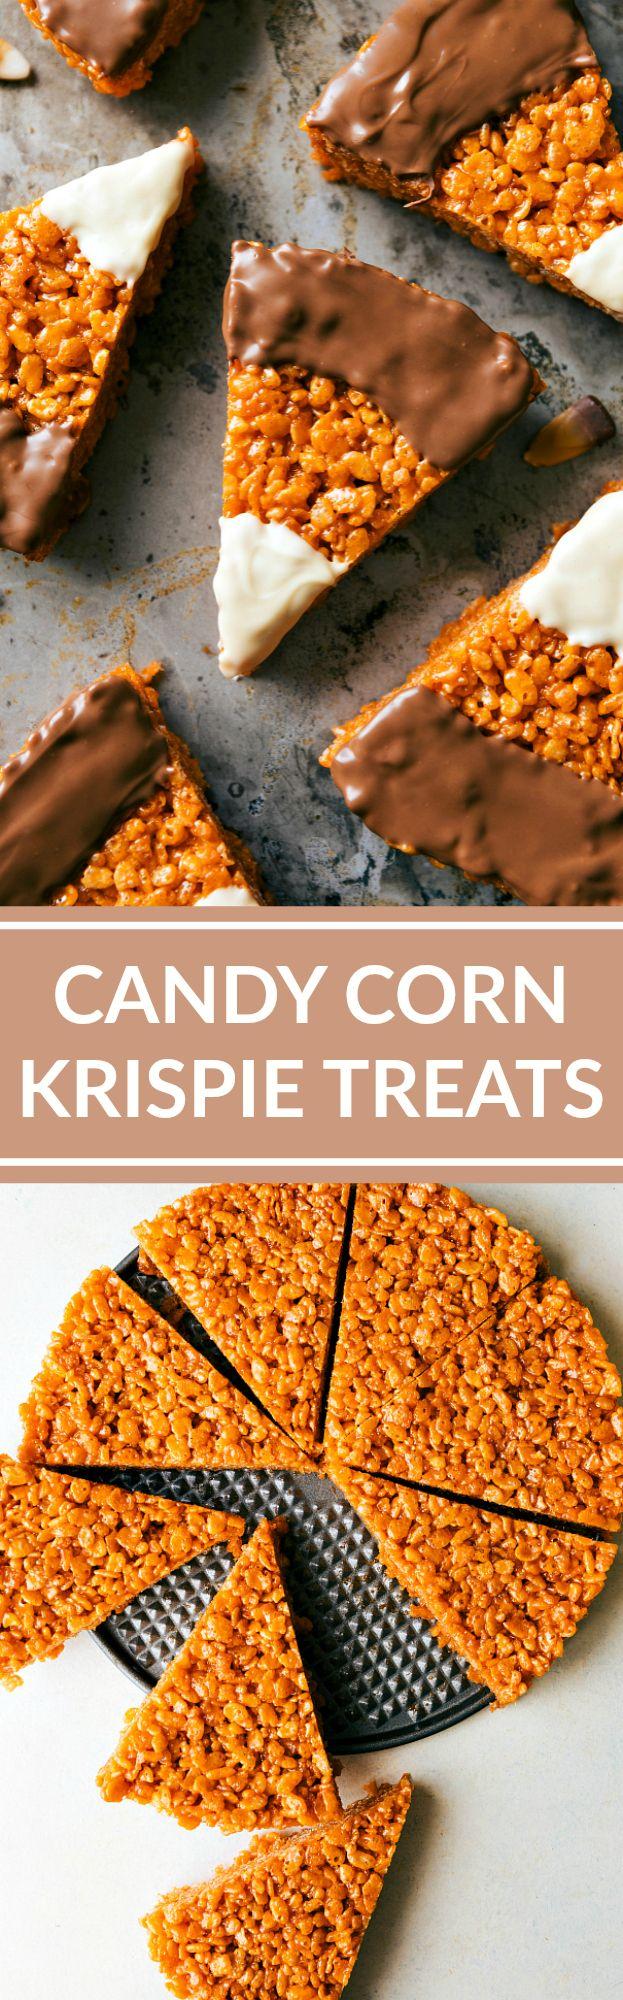 CANDY CORN KRISPIE TREATS! The absolute best peanut butter krispie treats…